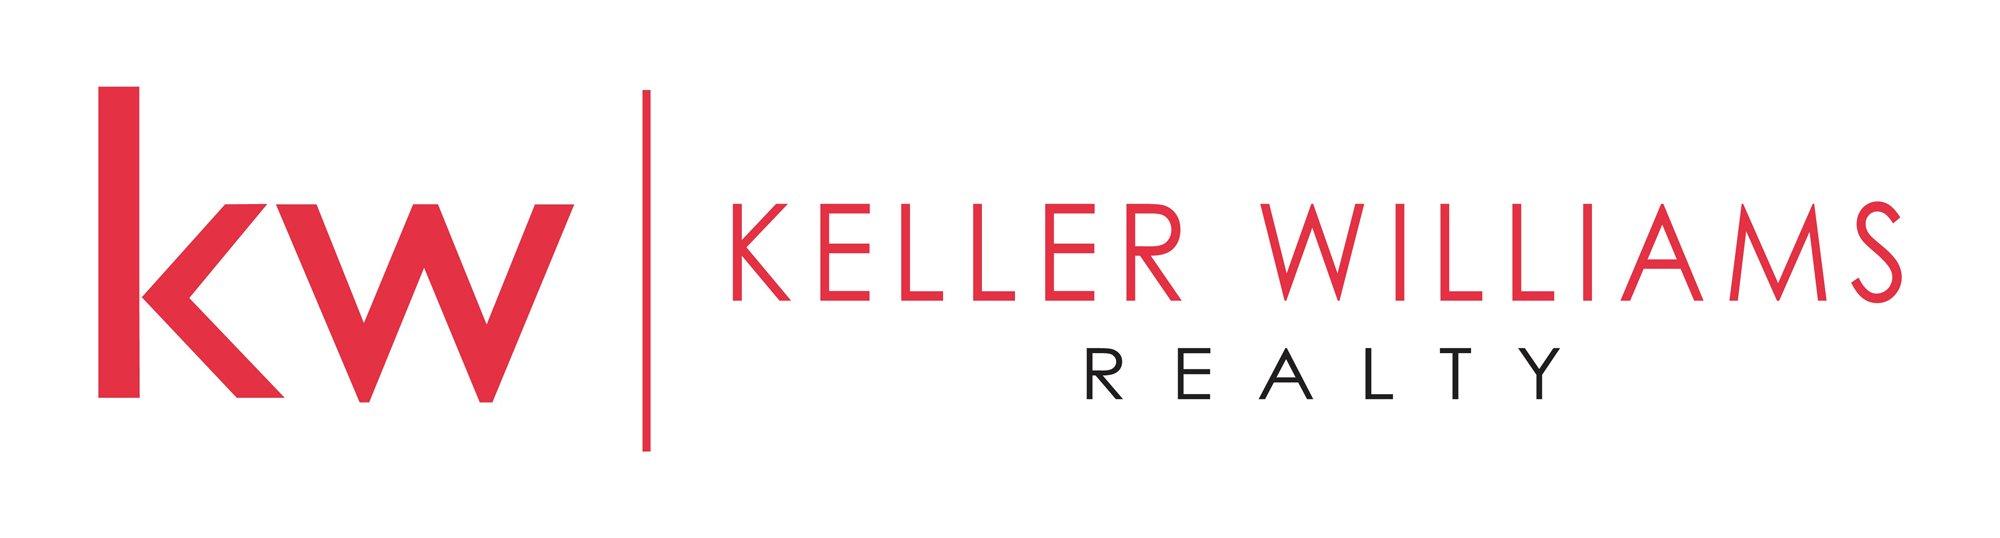 Logo Williams Realty New Keller